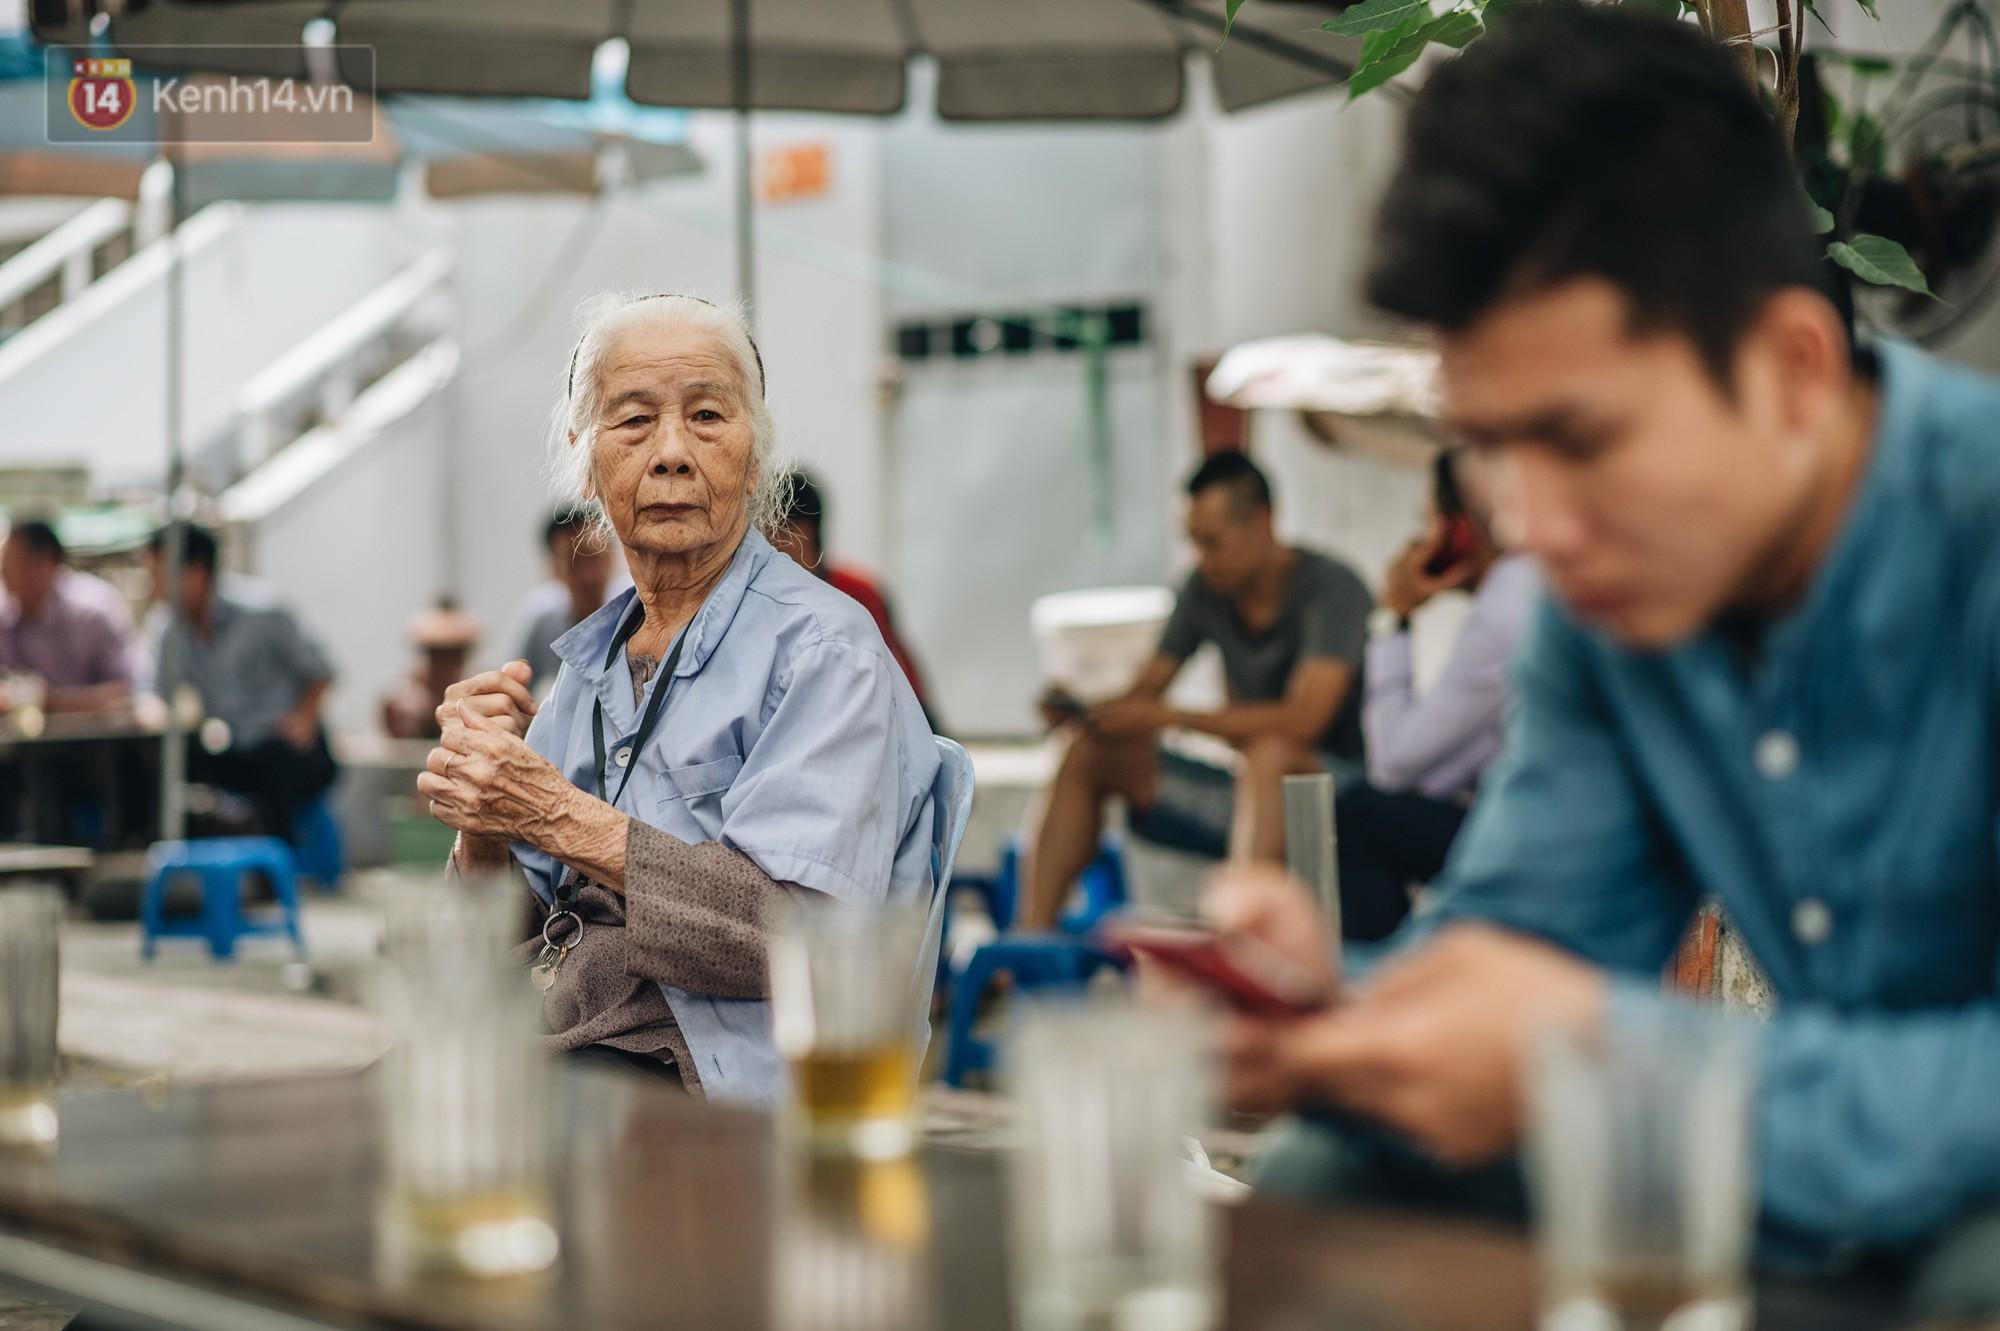 Cụ bà được mệnh danh nữ hùng vá săm vỉa hè Hà Nội: Nghỉ hưu sau 21 năm vá xe, bỏ rượu bia để sống khoẻ mạnh - Ảnh 4.